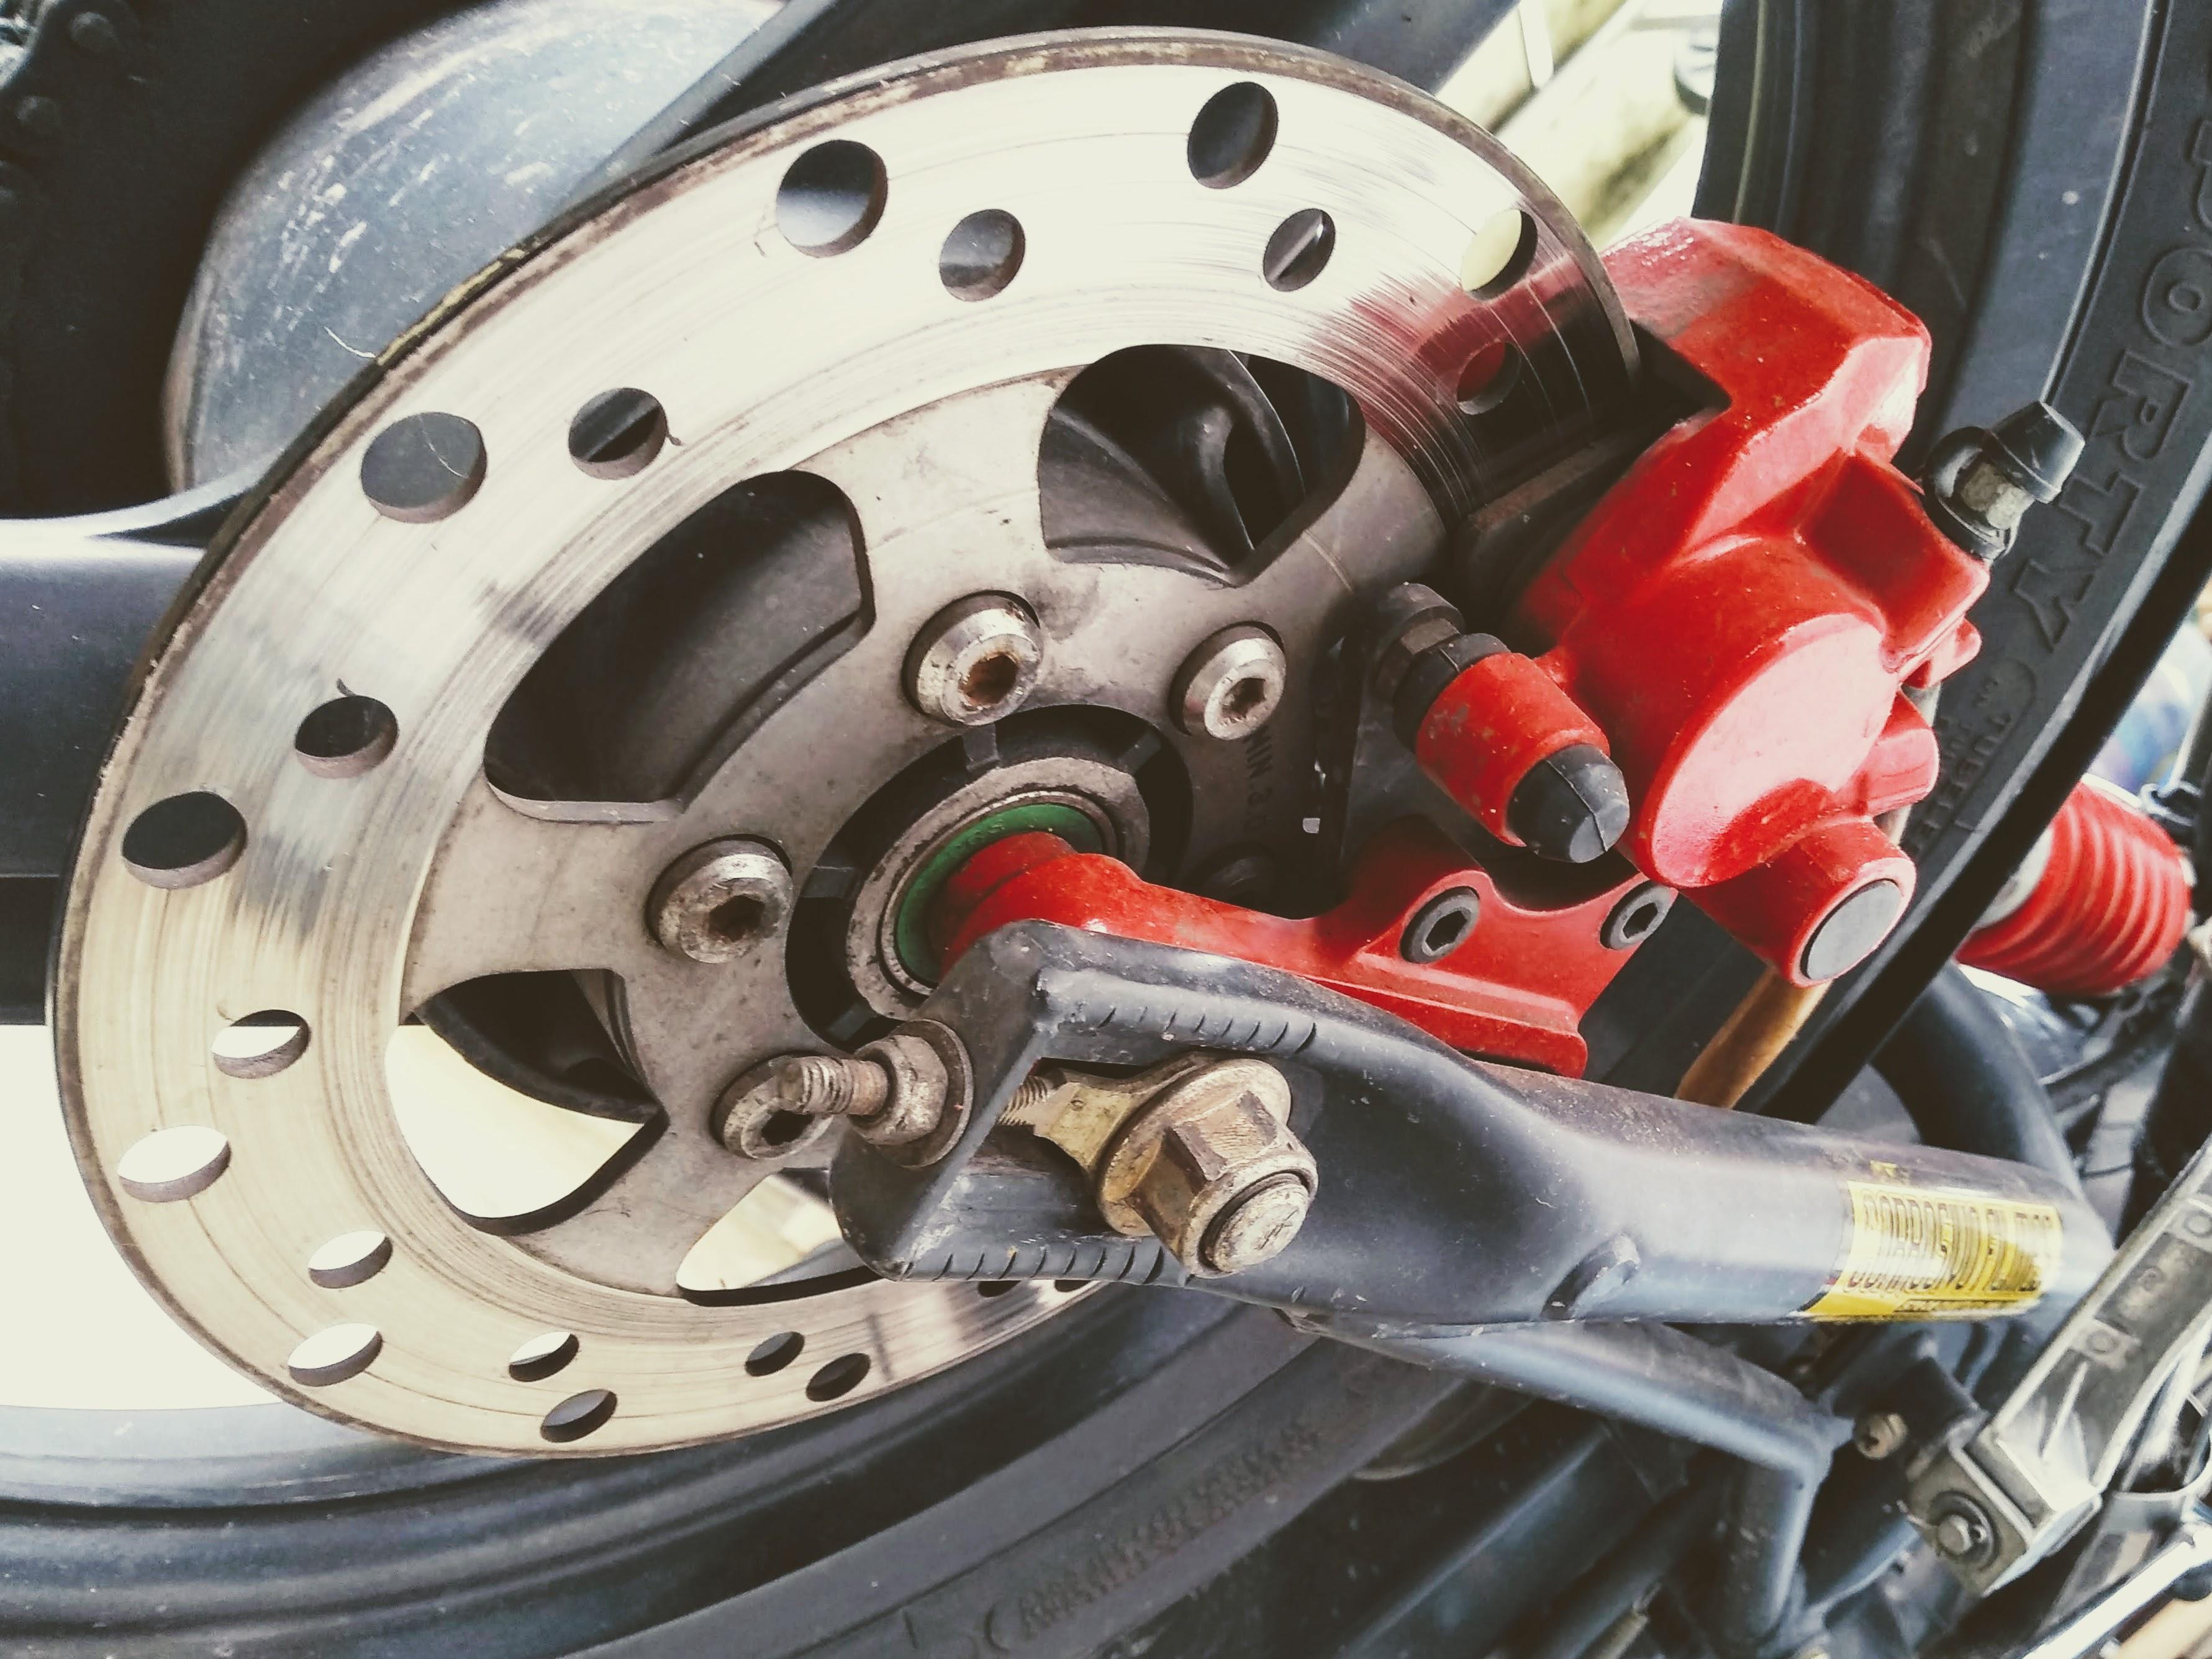 Produção de motocicletas cai 98% em abril no Brasil